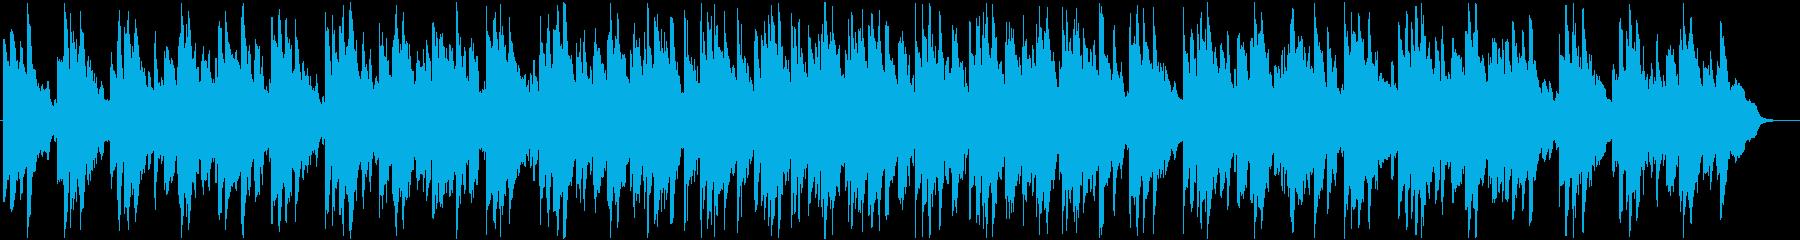 やさしい雰囲気のピアノ系バラードBGMの再生済みの波形